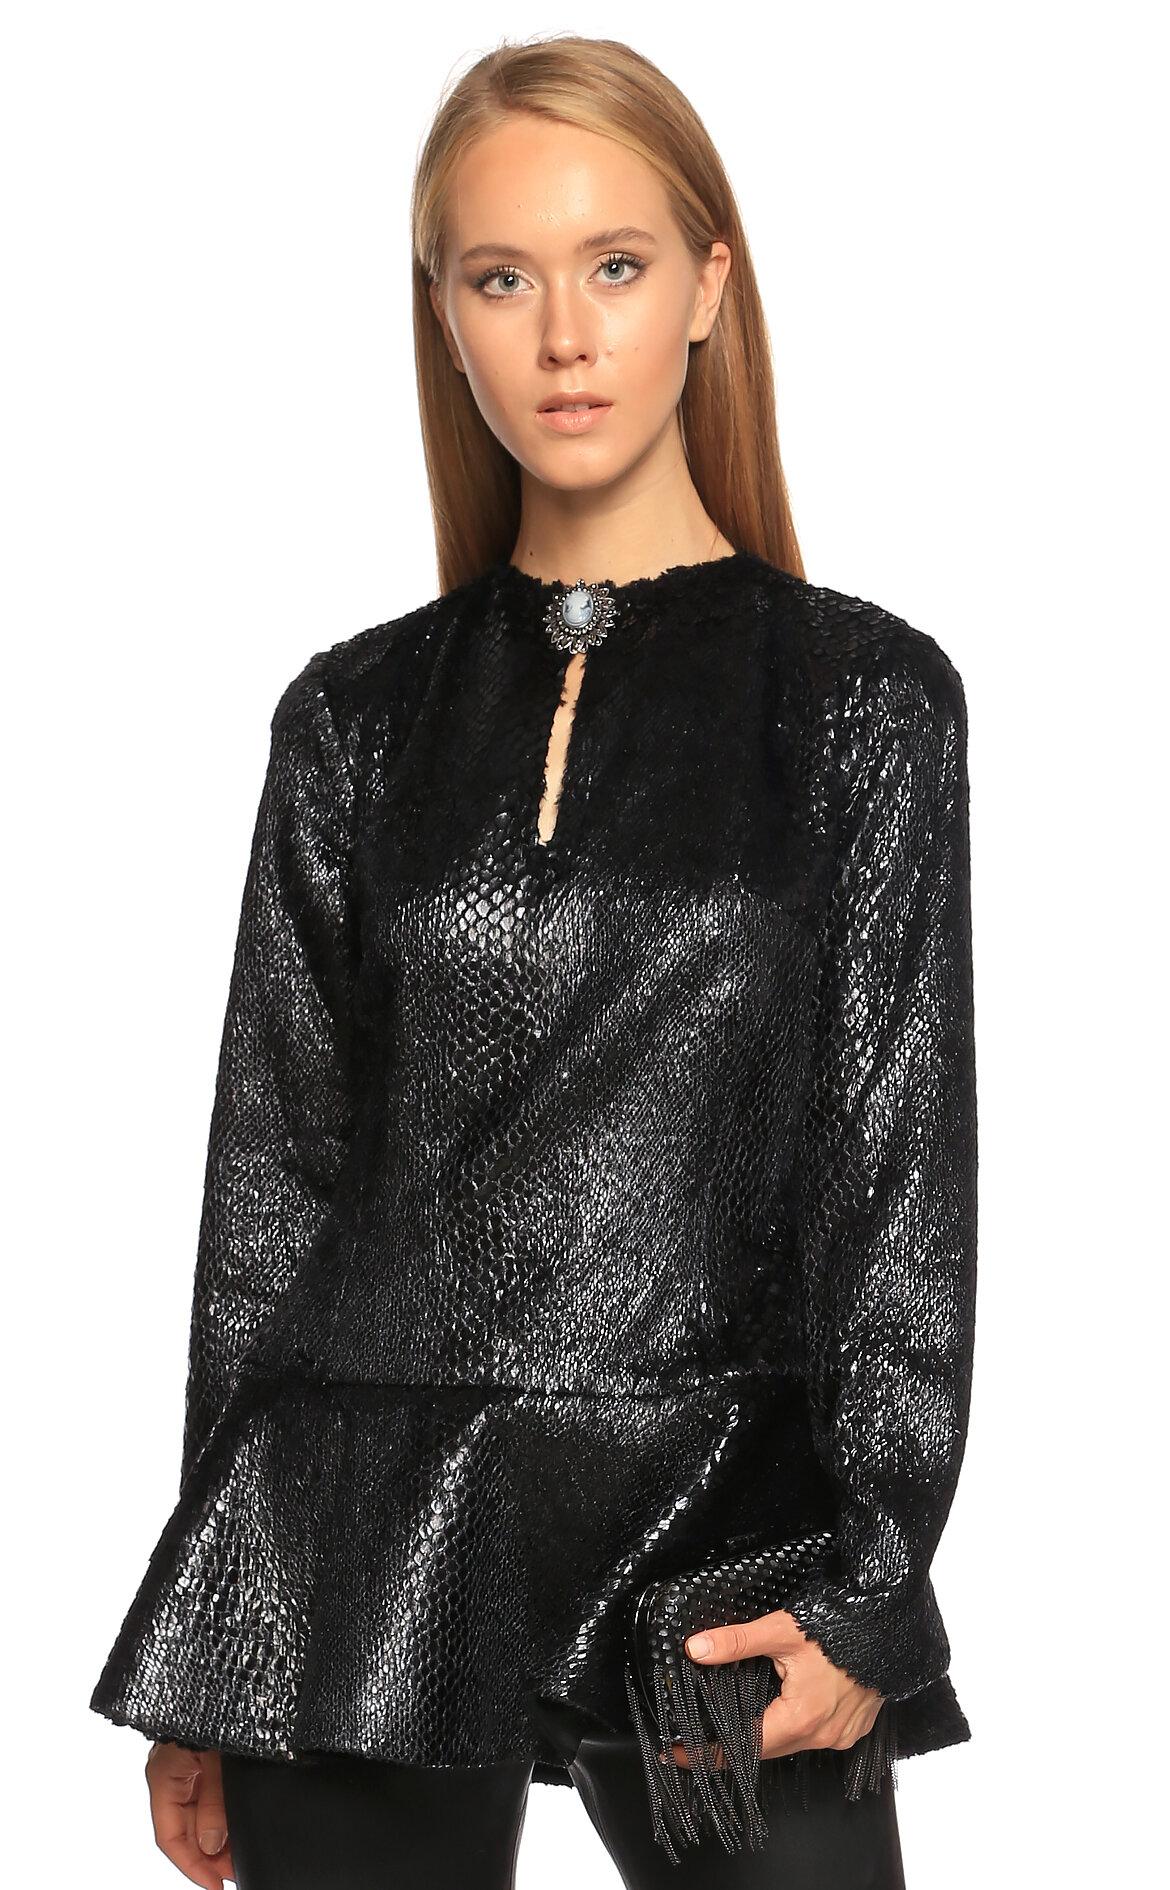 Kleris Strumza  Yılan Derisi Desenli Siyah Bluz